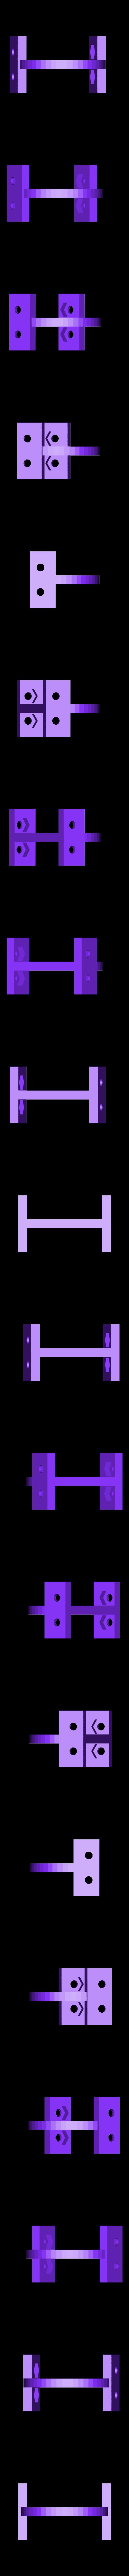 Miniskybot-castor-wheel-p3.stl Download free STL file MiniSkybot Robot V1.0 • Model to 3D print, Ogrod3d